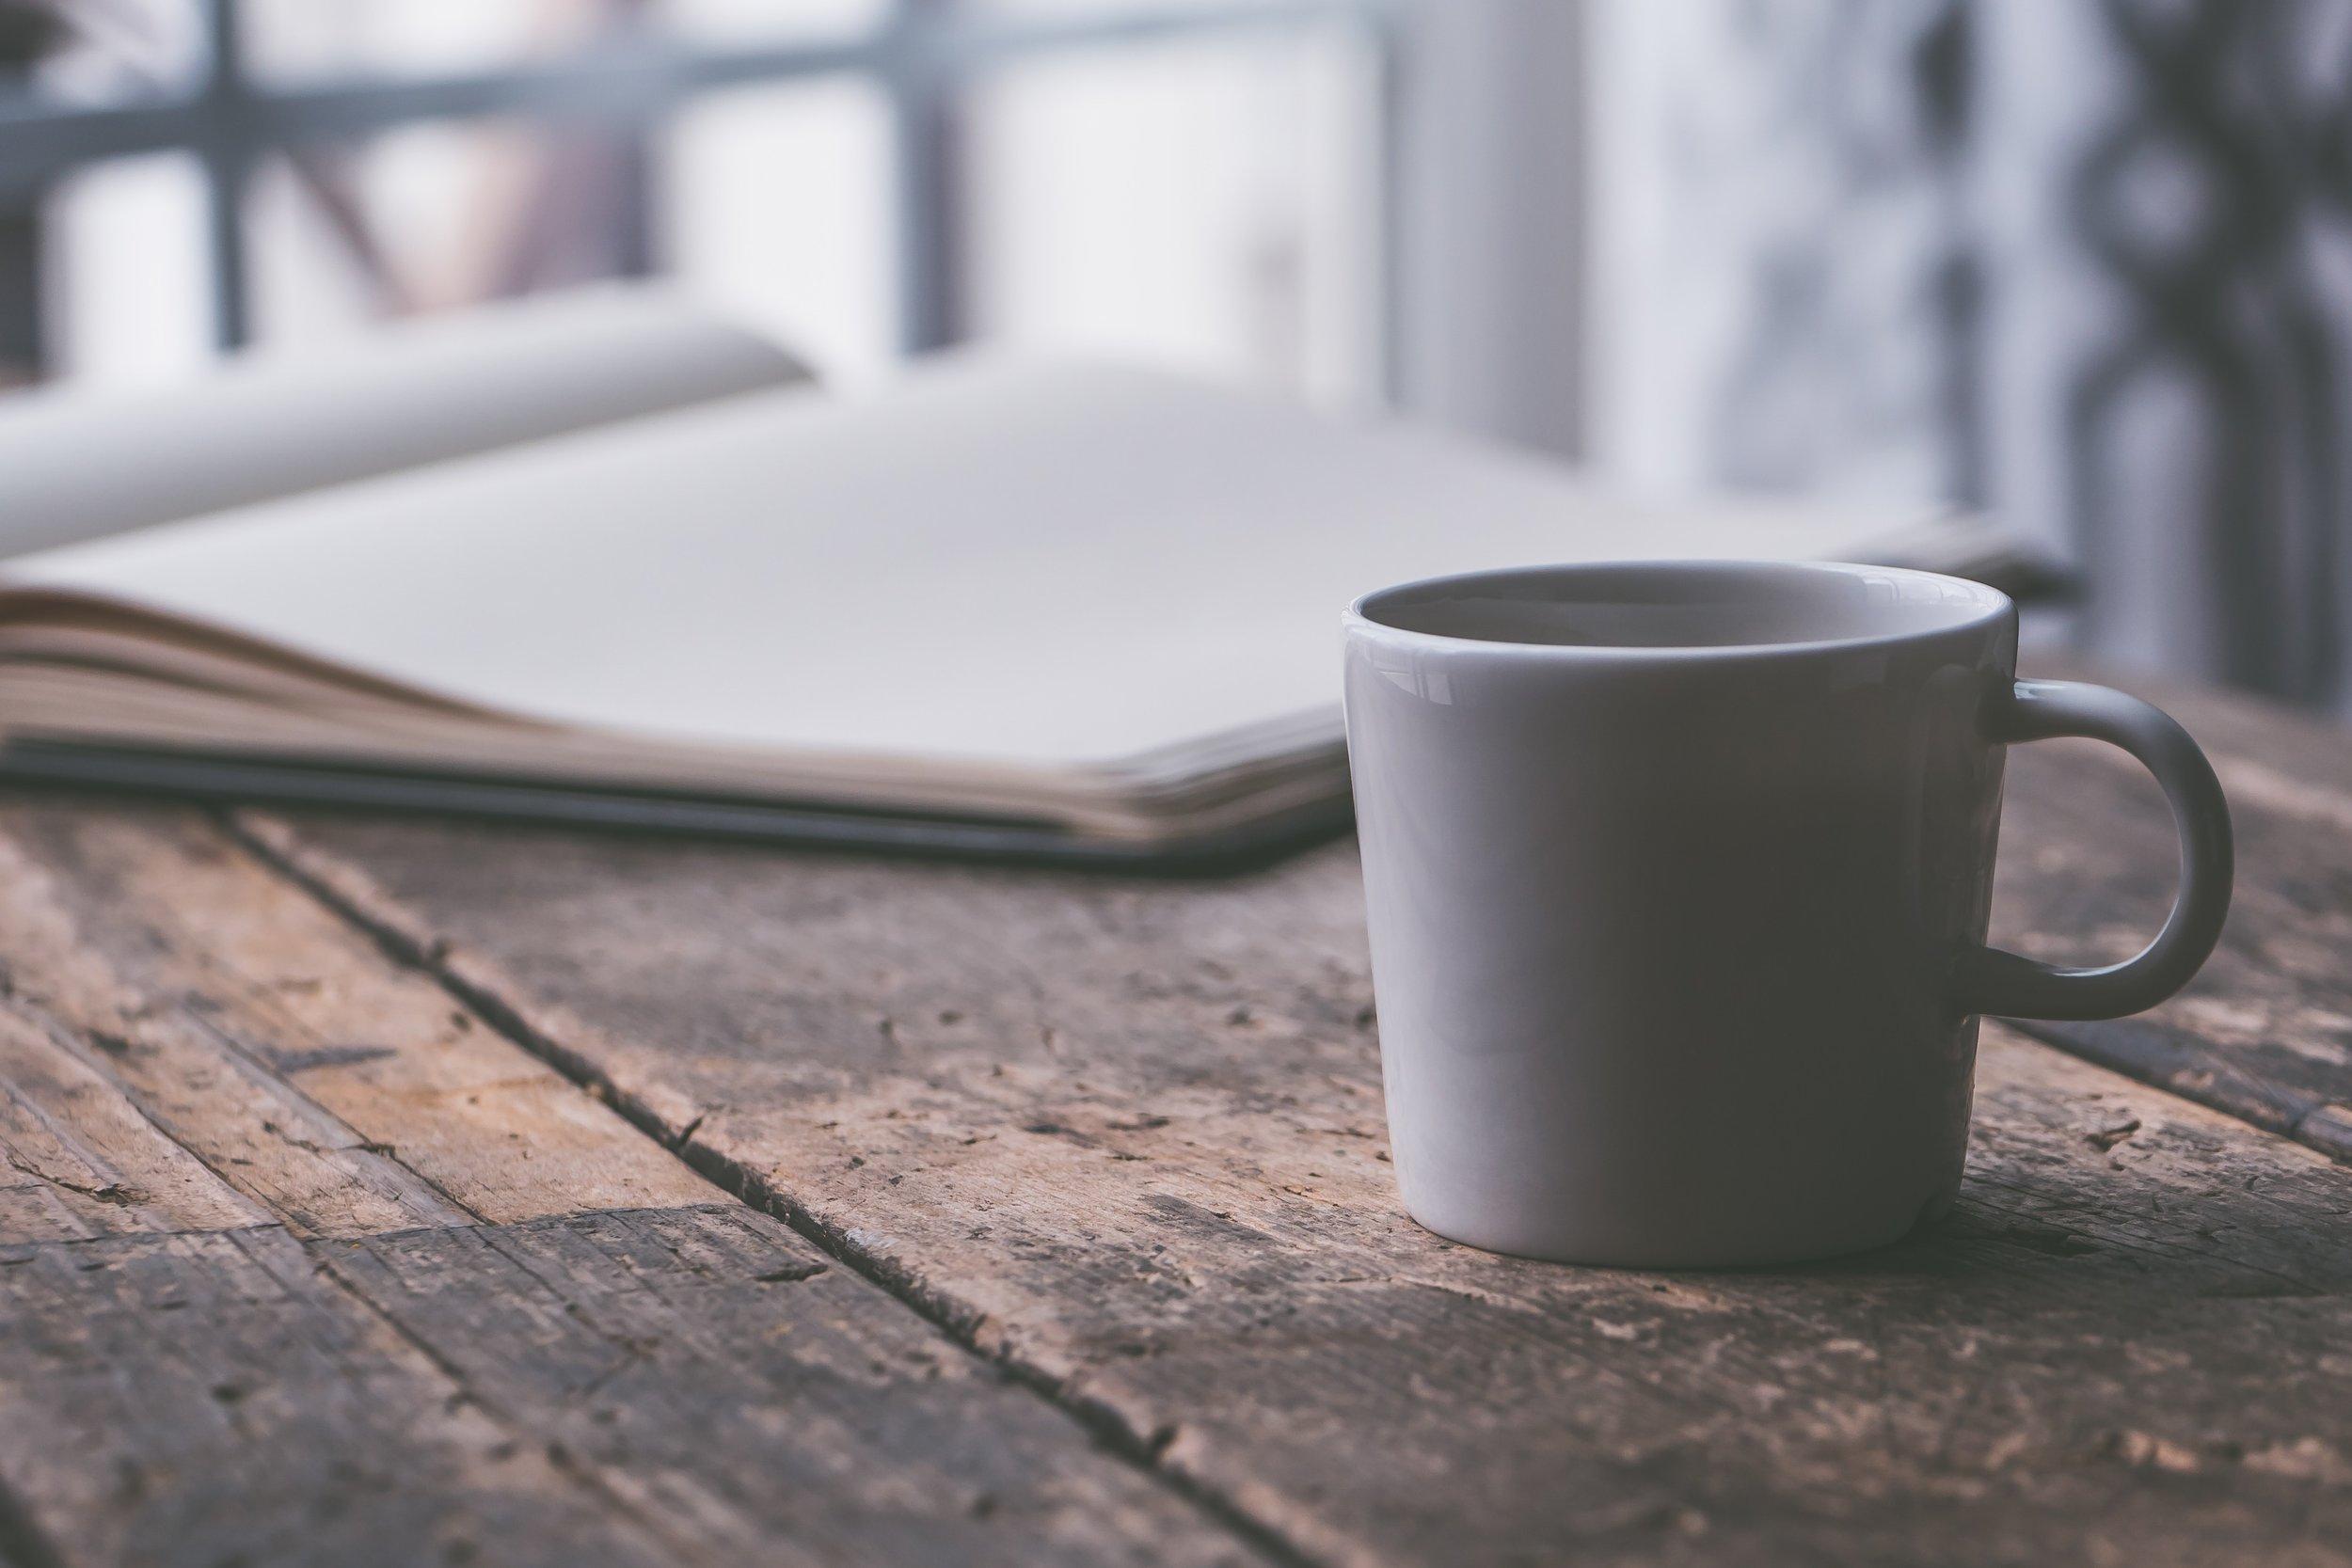 beverage-caffeine-coffee-606542.jpg